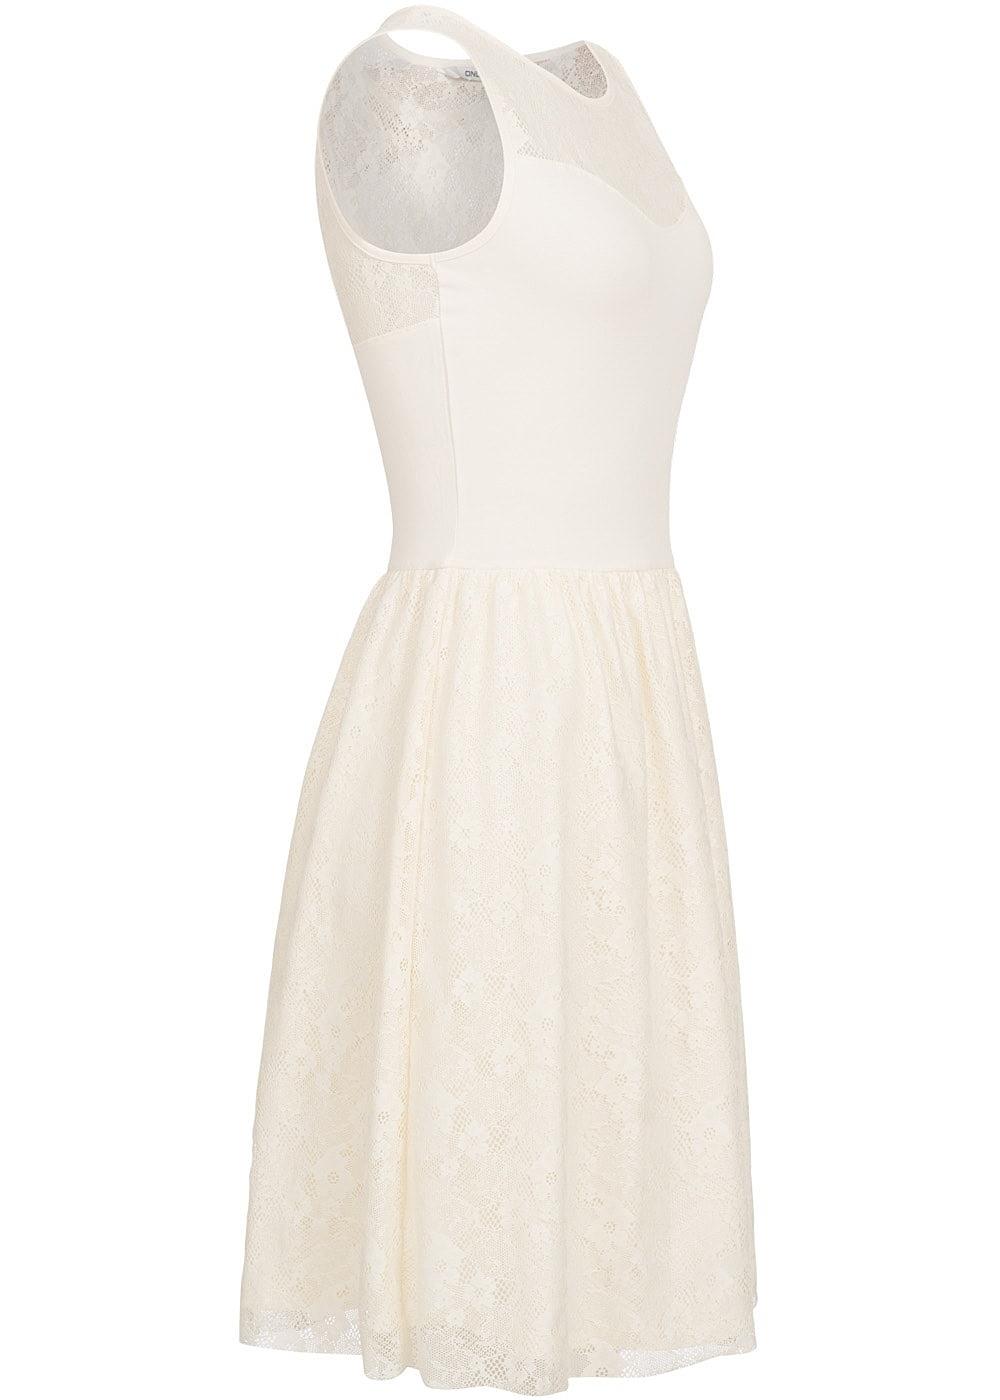 15 Perfekt Kleid Weiß Spitze Galerie20 Perfekt Kleid Weiß Spitze Stylish